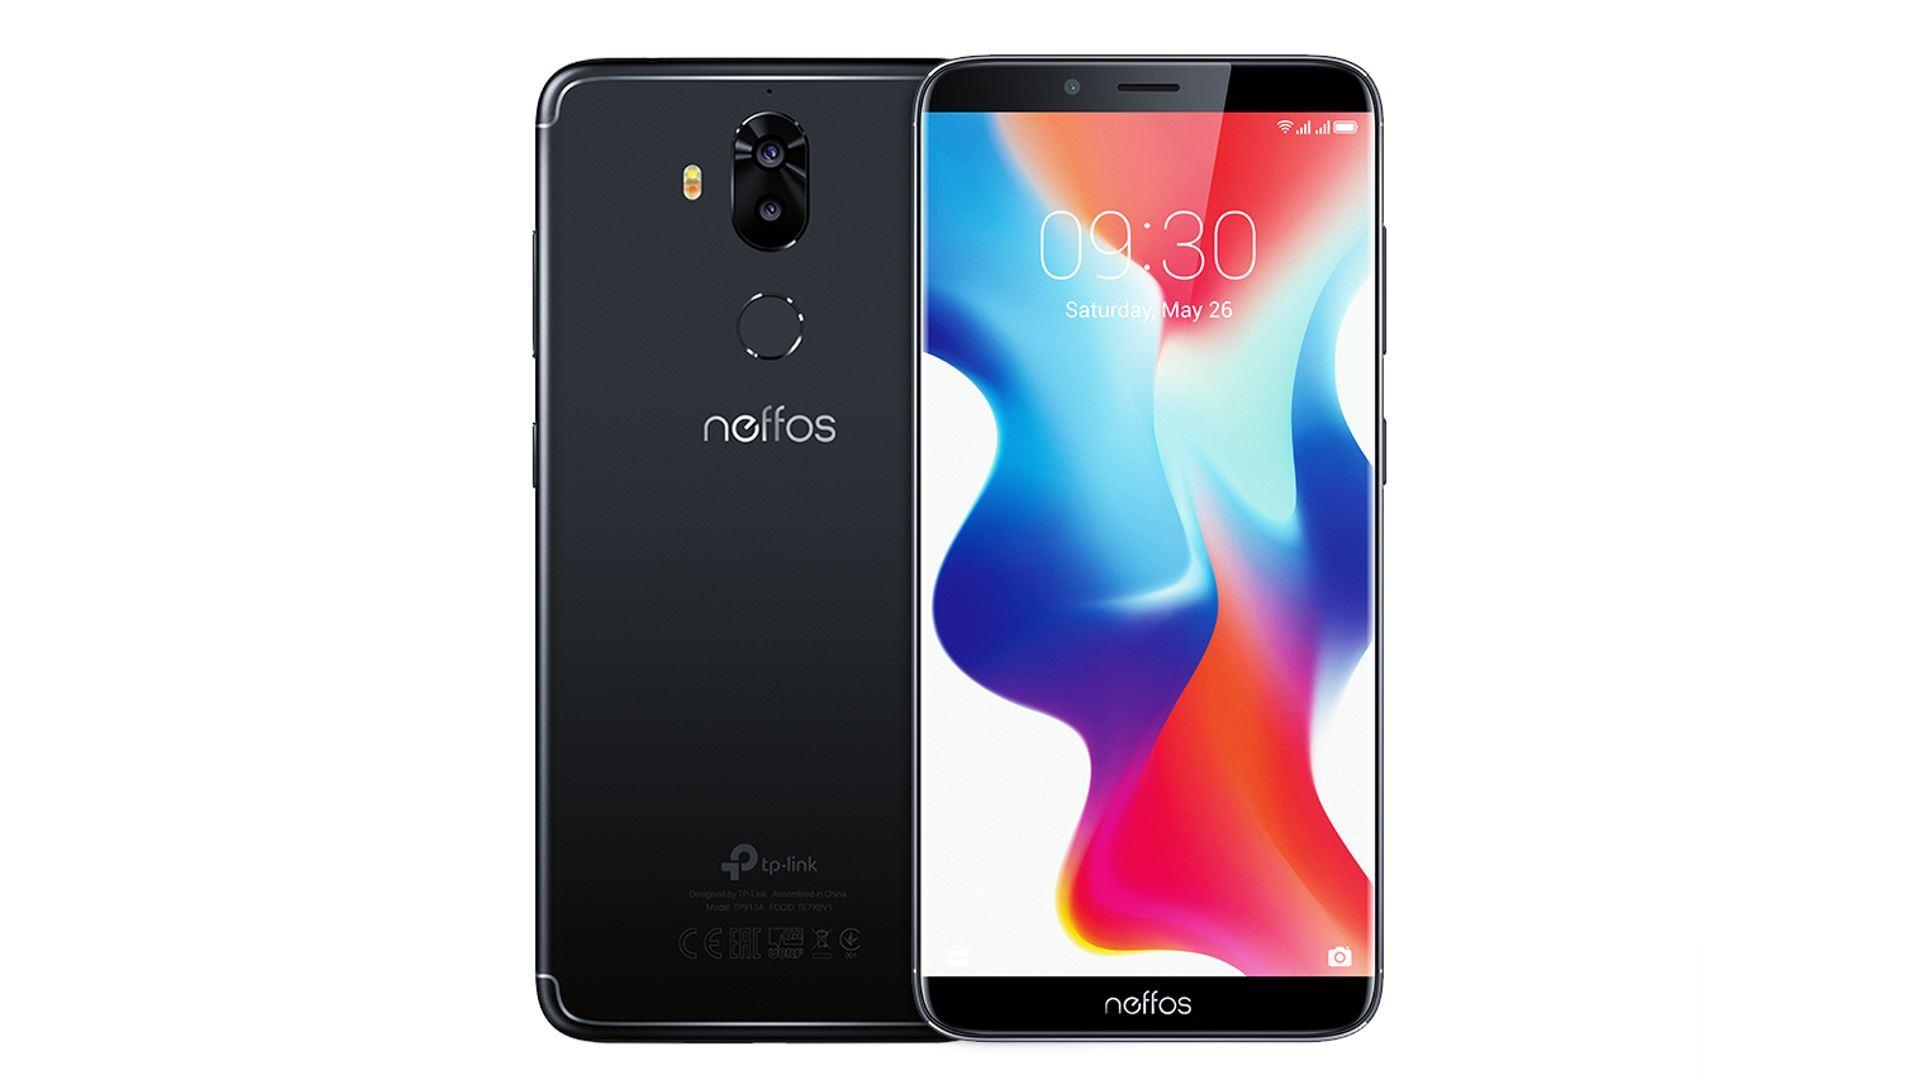 На иллюстрации с двух сторон изображён безрамочный смартфон Neffos X9 с двумя SIM–картами